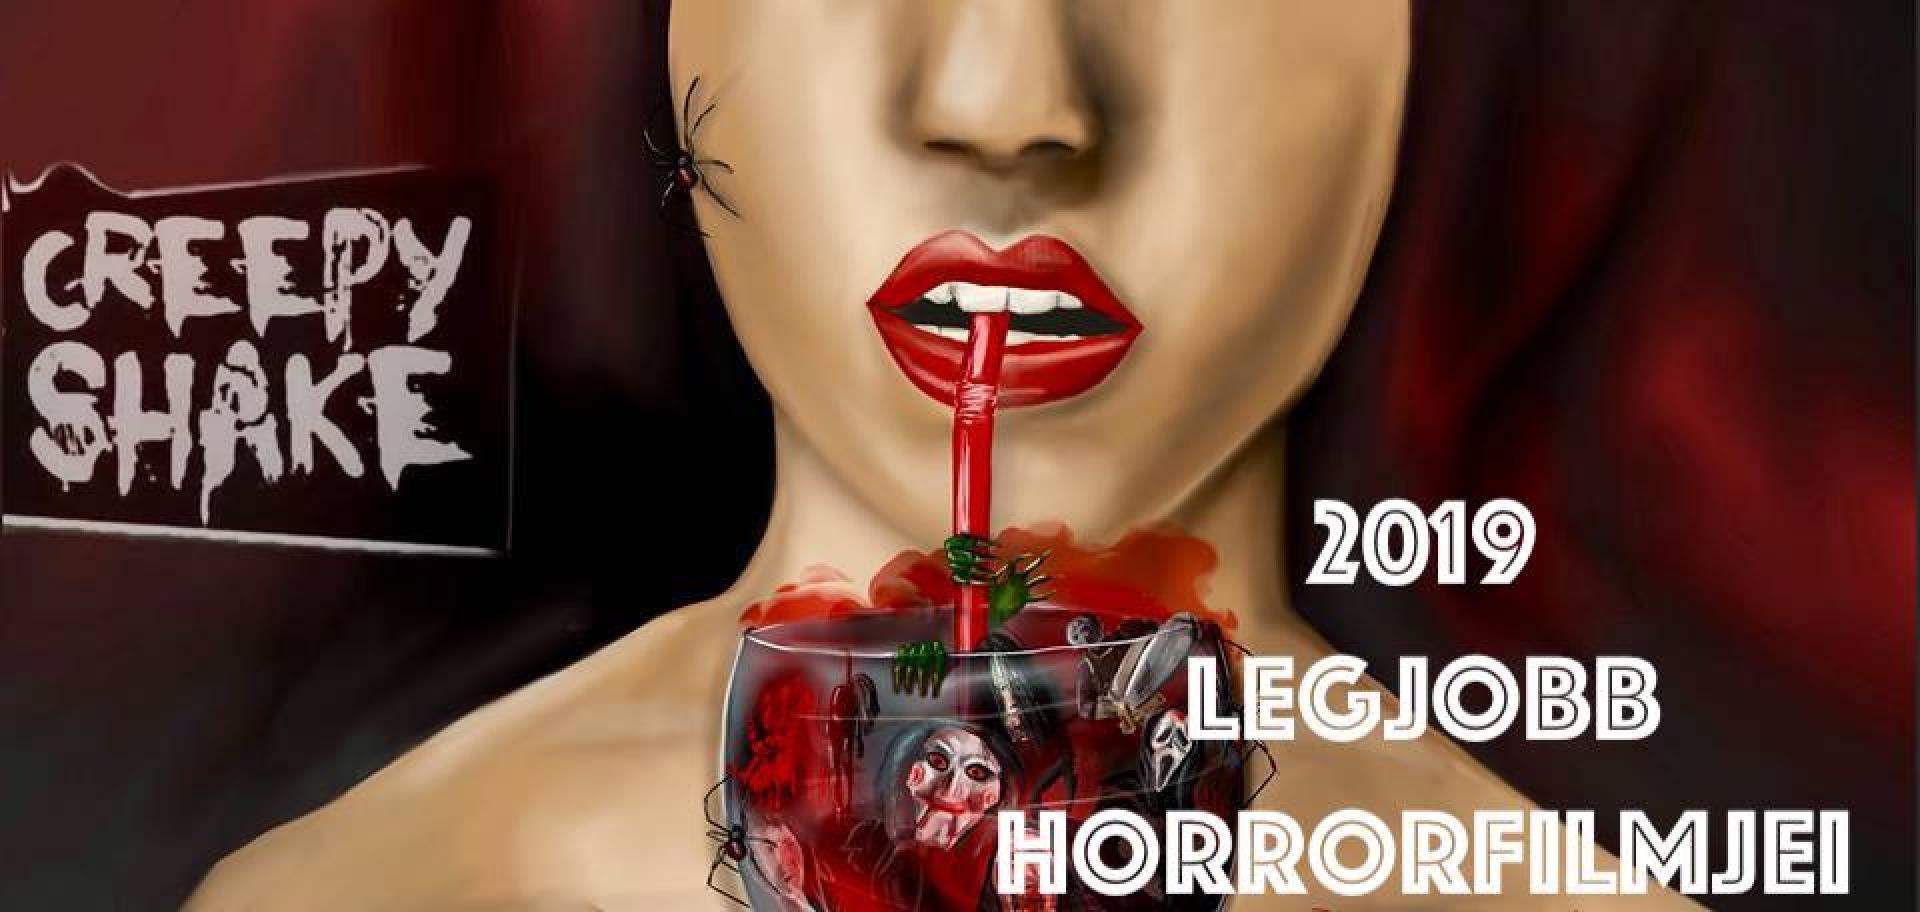 2019 legjobb horrorfilmjei